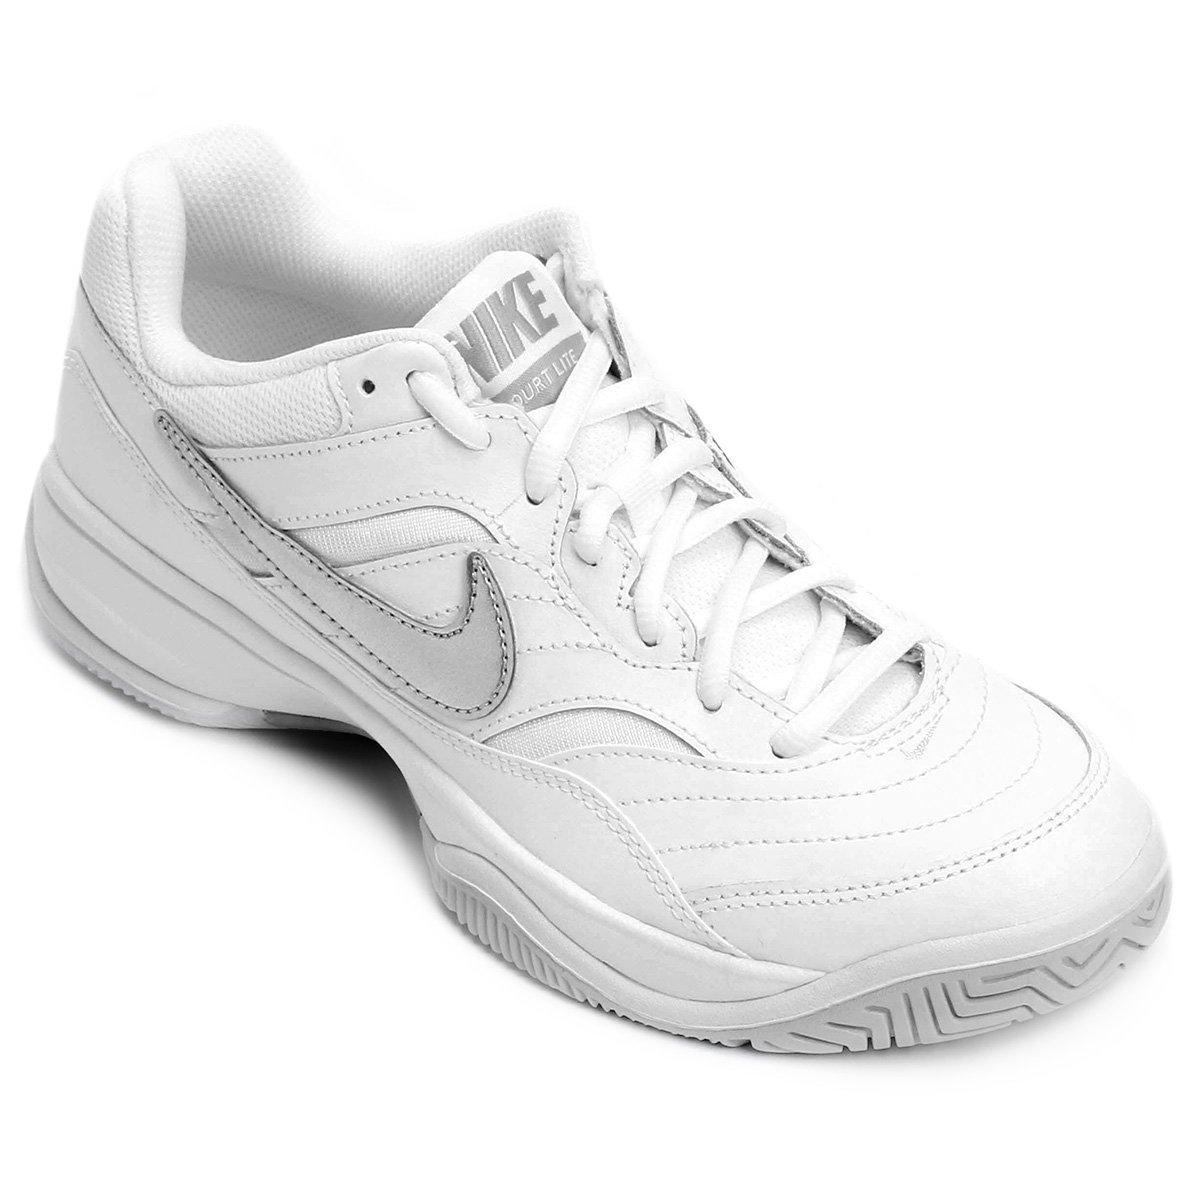 2089513d1f Tênis Nike Wmns Nike Court Lite Feminino - Branco e prata